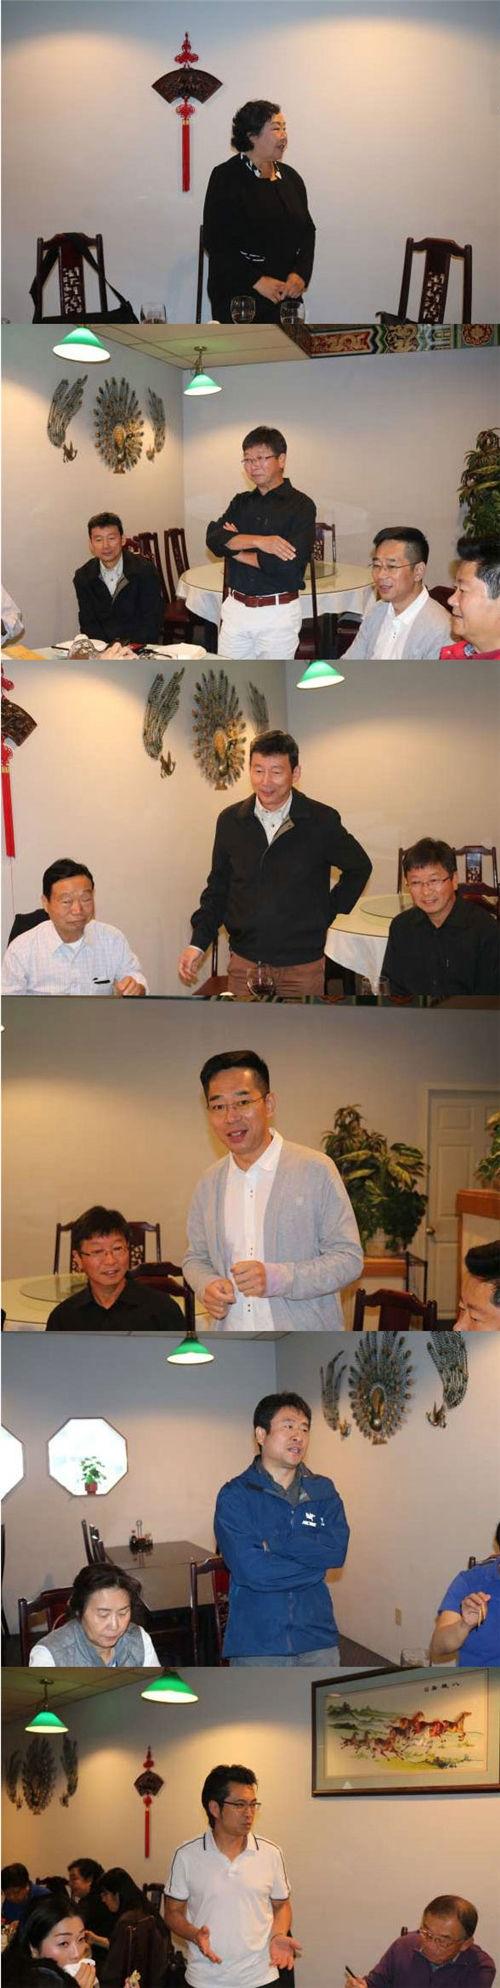 来辉武教授举办健康生活新闻发布会2